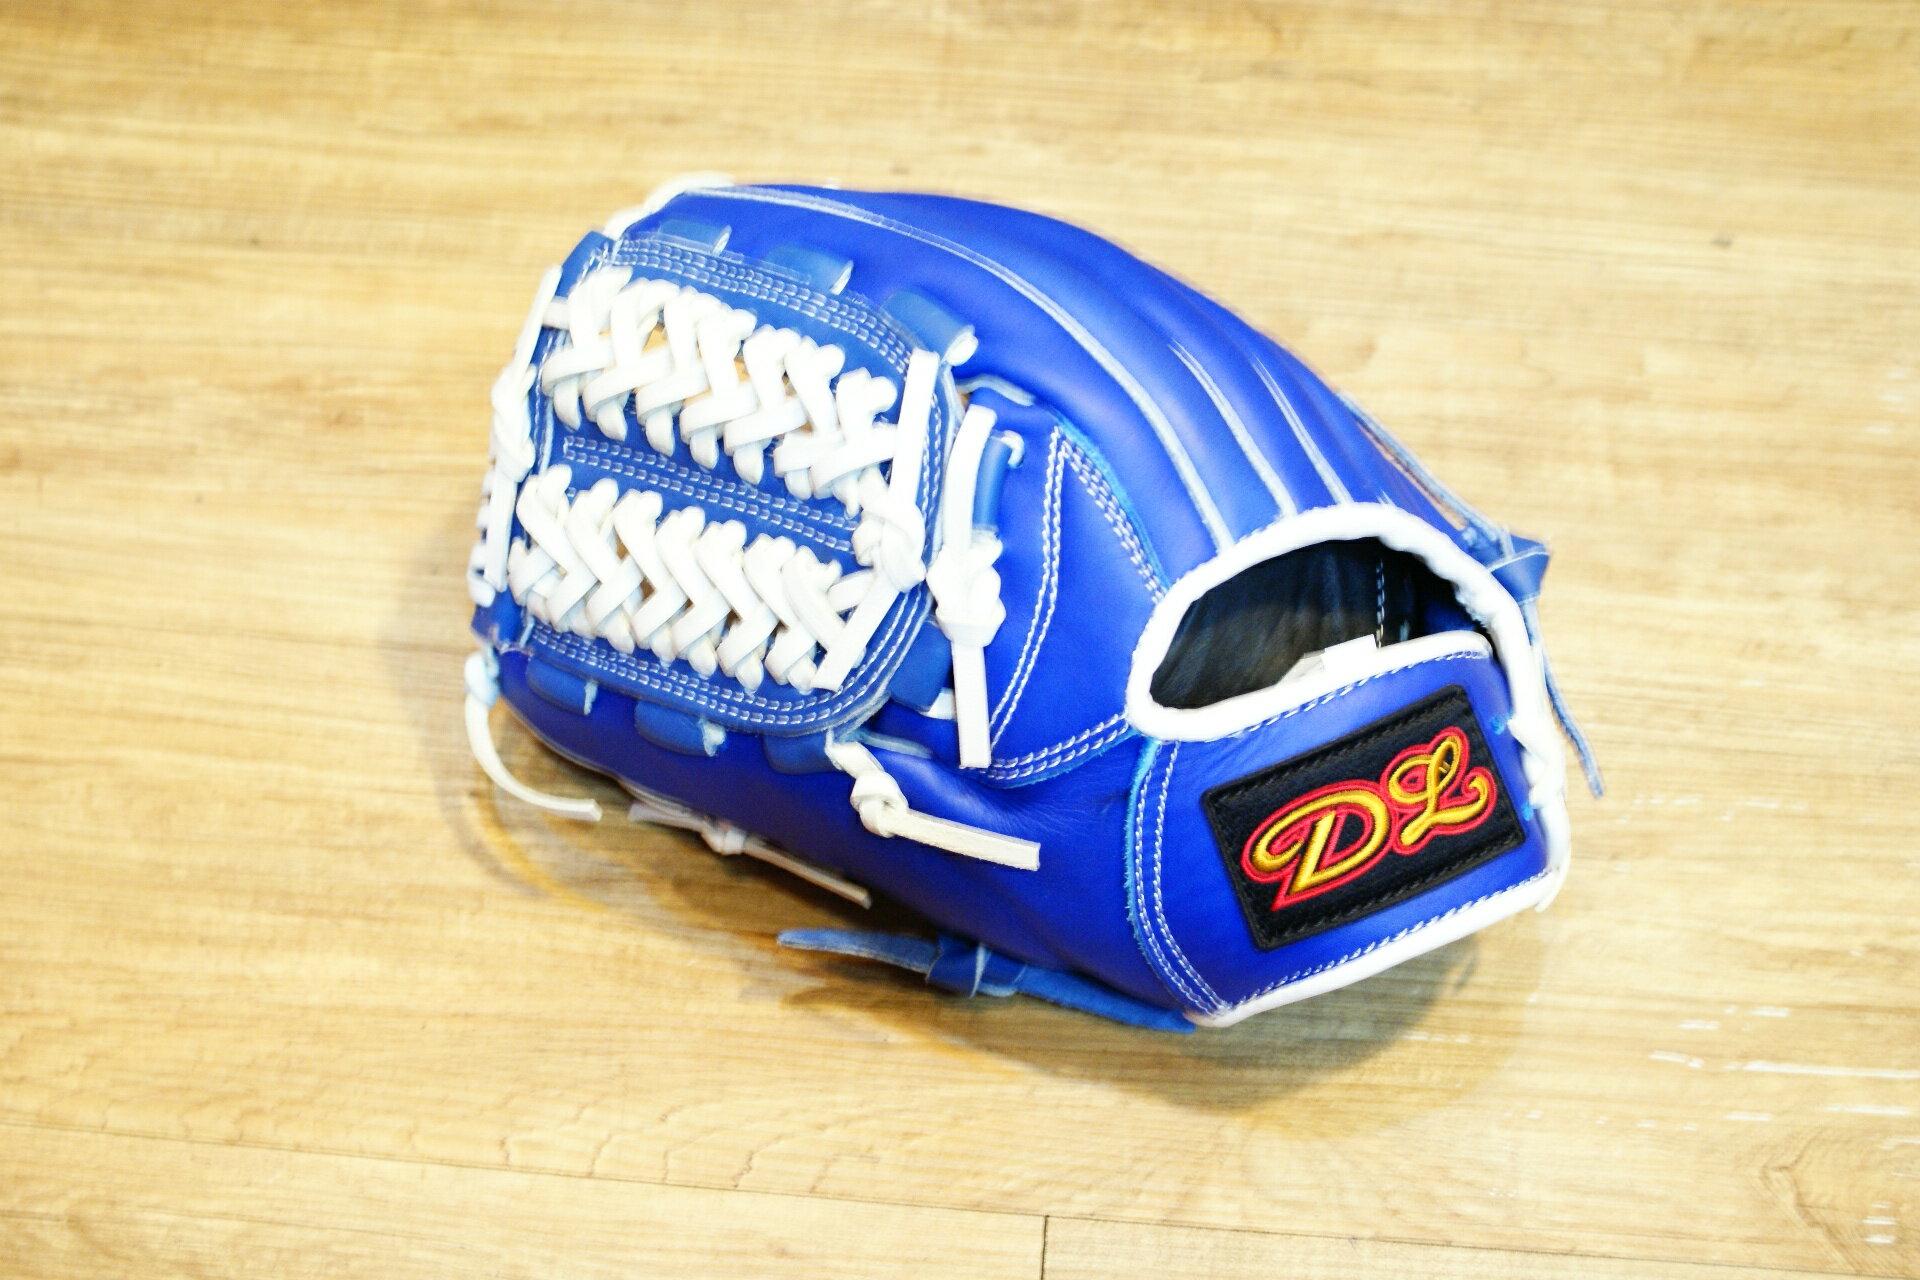 〈棒球世界〉DL訂製款 內野手式樣 棒壘球手套 /12.吋/送手套袋/藍色 反手用